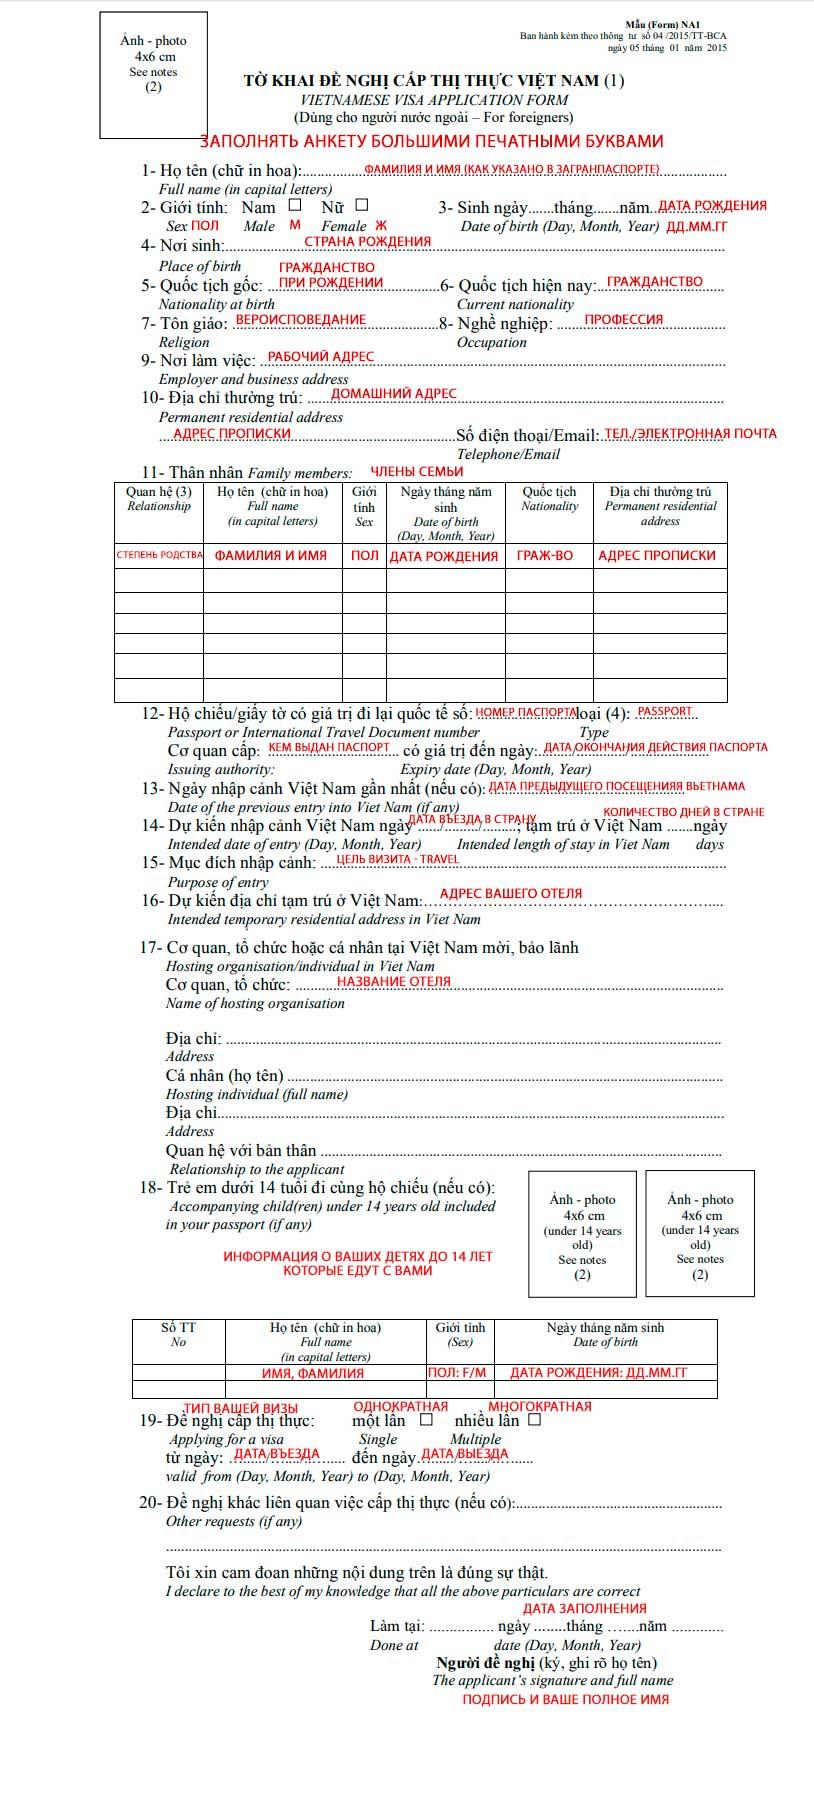 Образец заполнения анкеты для визы во Вьетнам